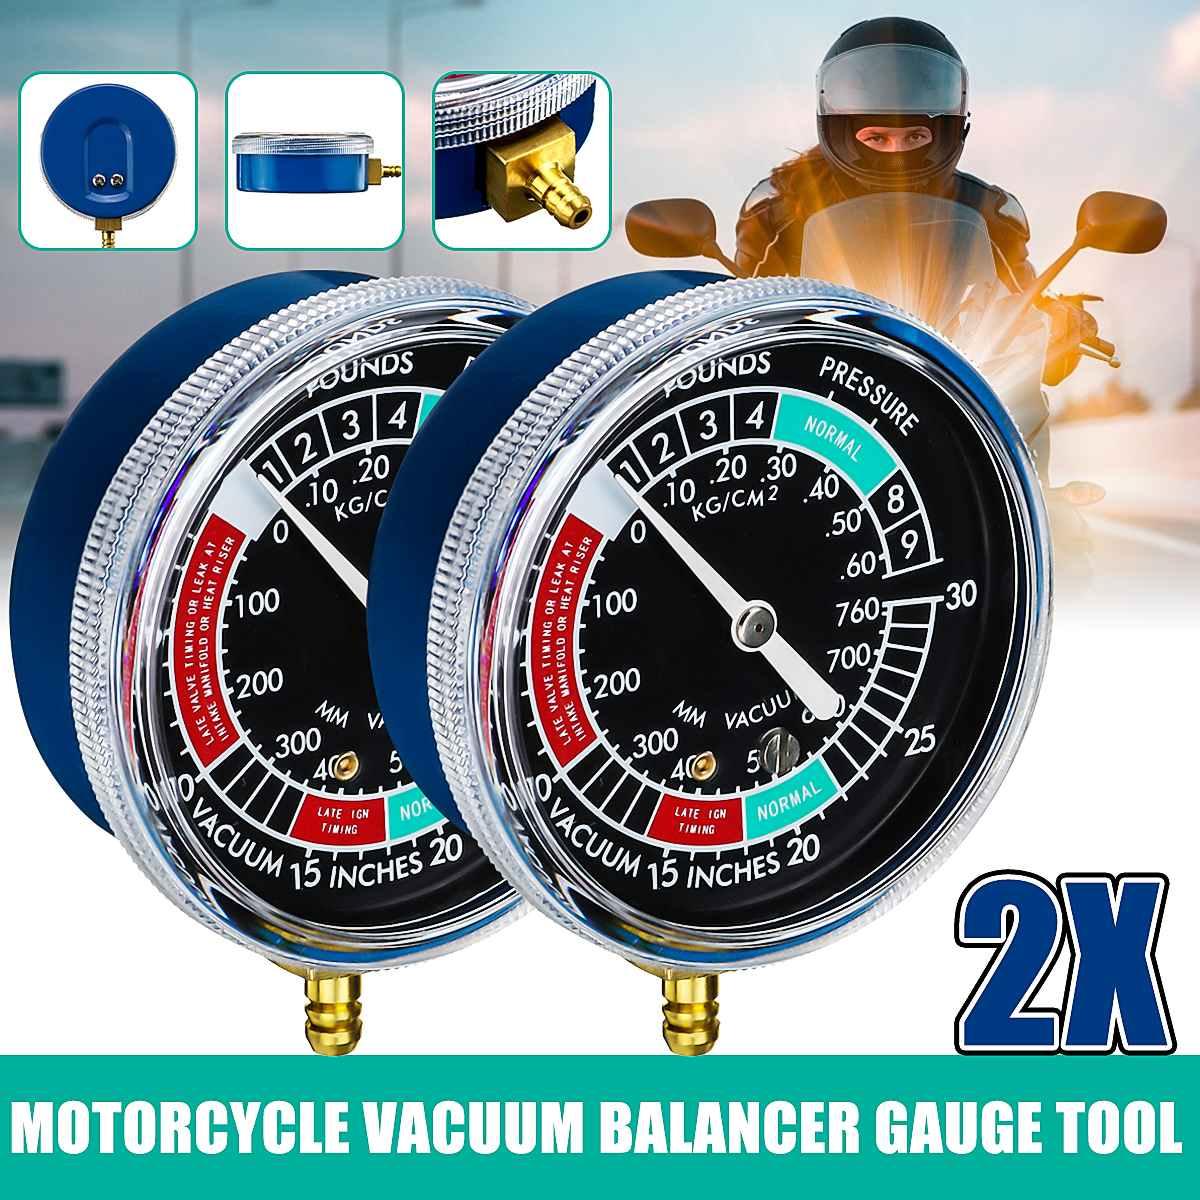 Synchroniseur universel d'équilibrage de jauge de vide de carburateur de moto pour Yamaha/Honda/Suzuki